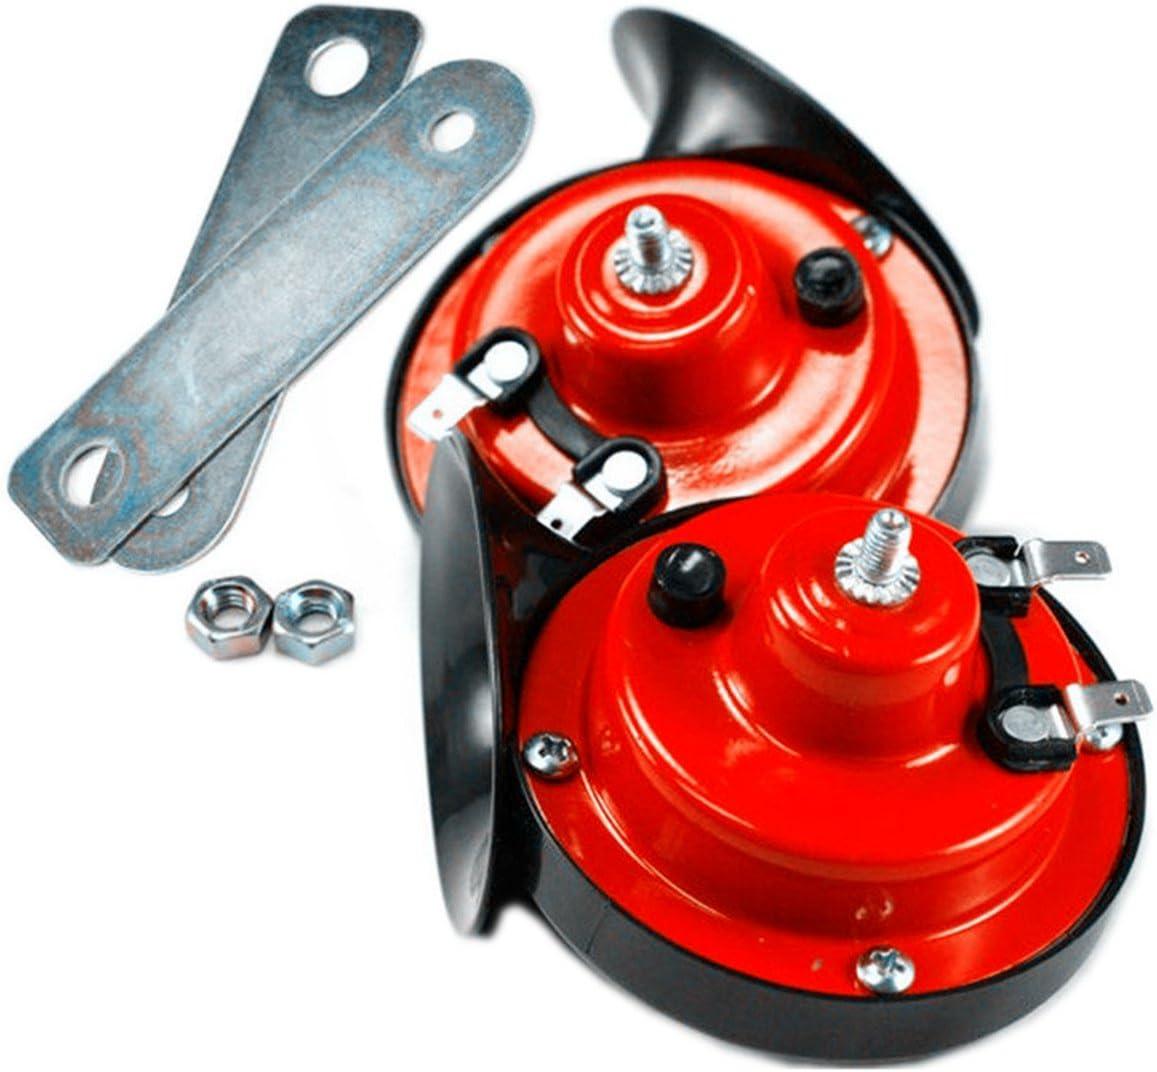 Bocina de aire, con forma de caracol, sonido fuerte, 12 V, 110 dB, doble tono, universal, para coches, camiones, 4x4 y furgonetas